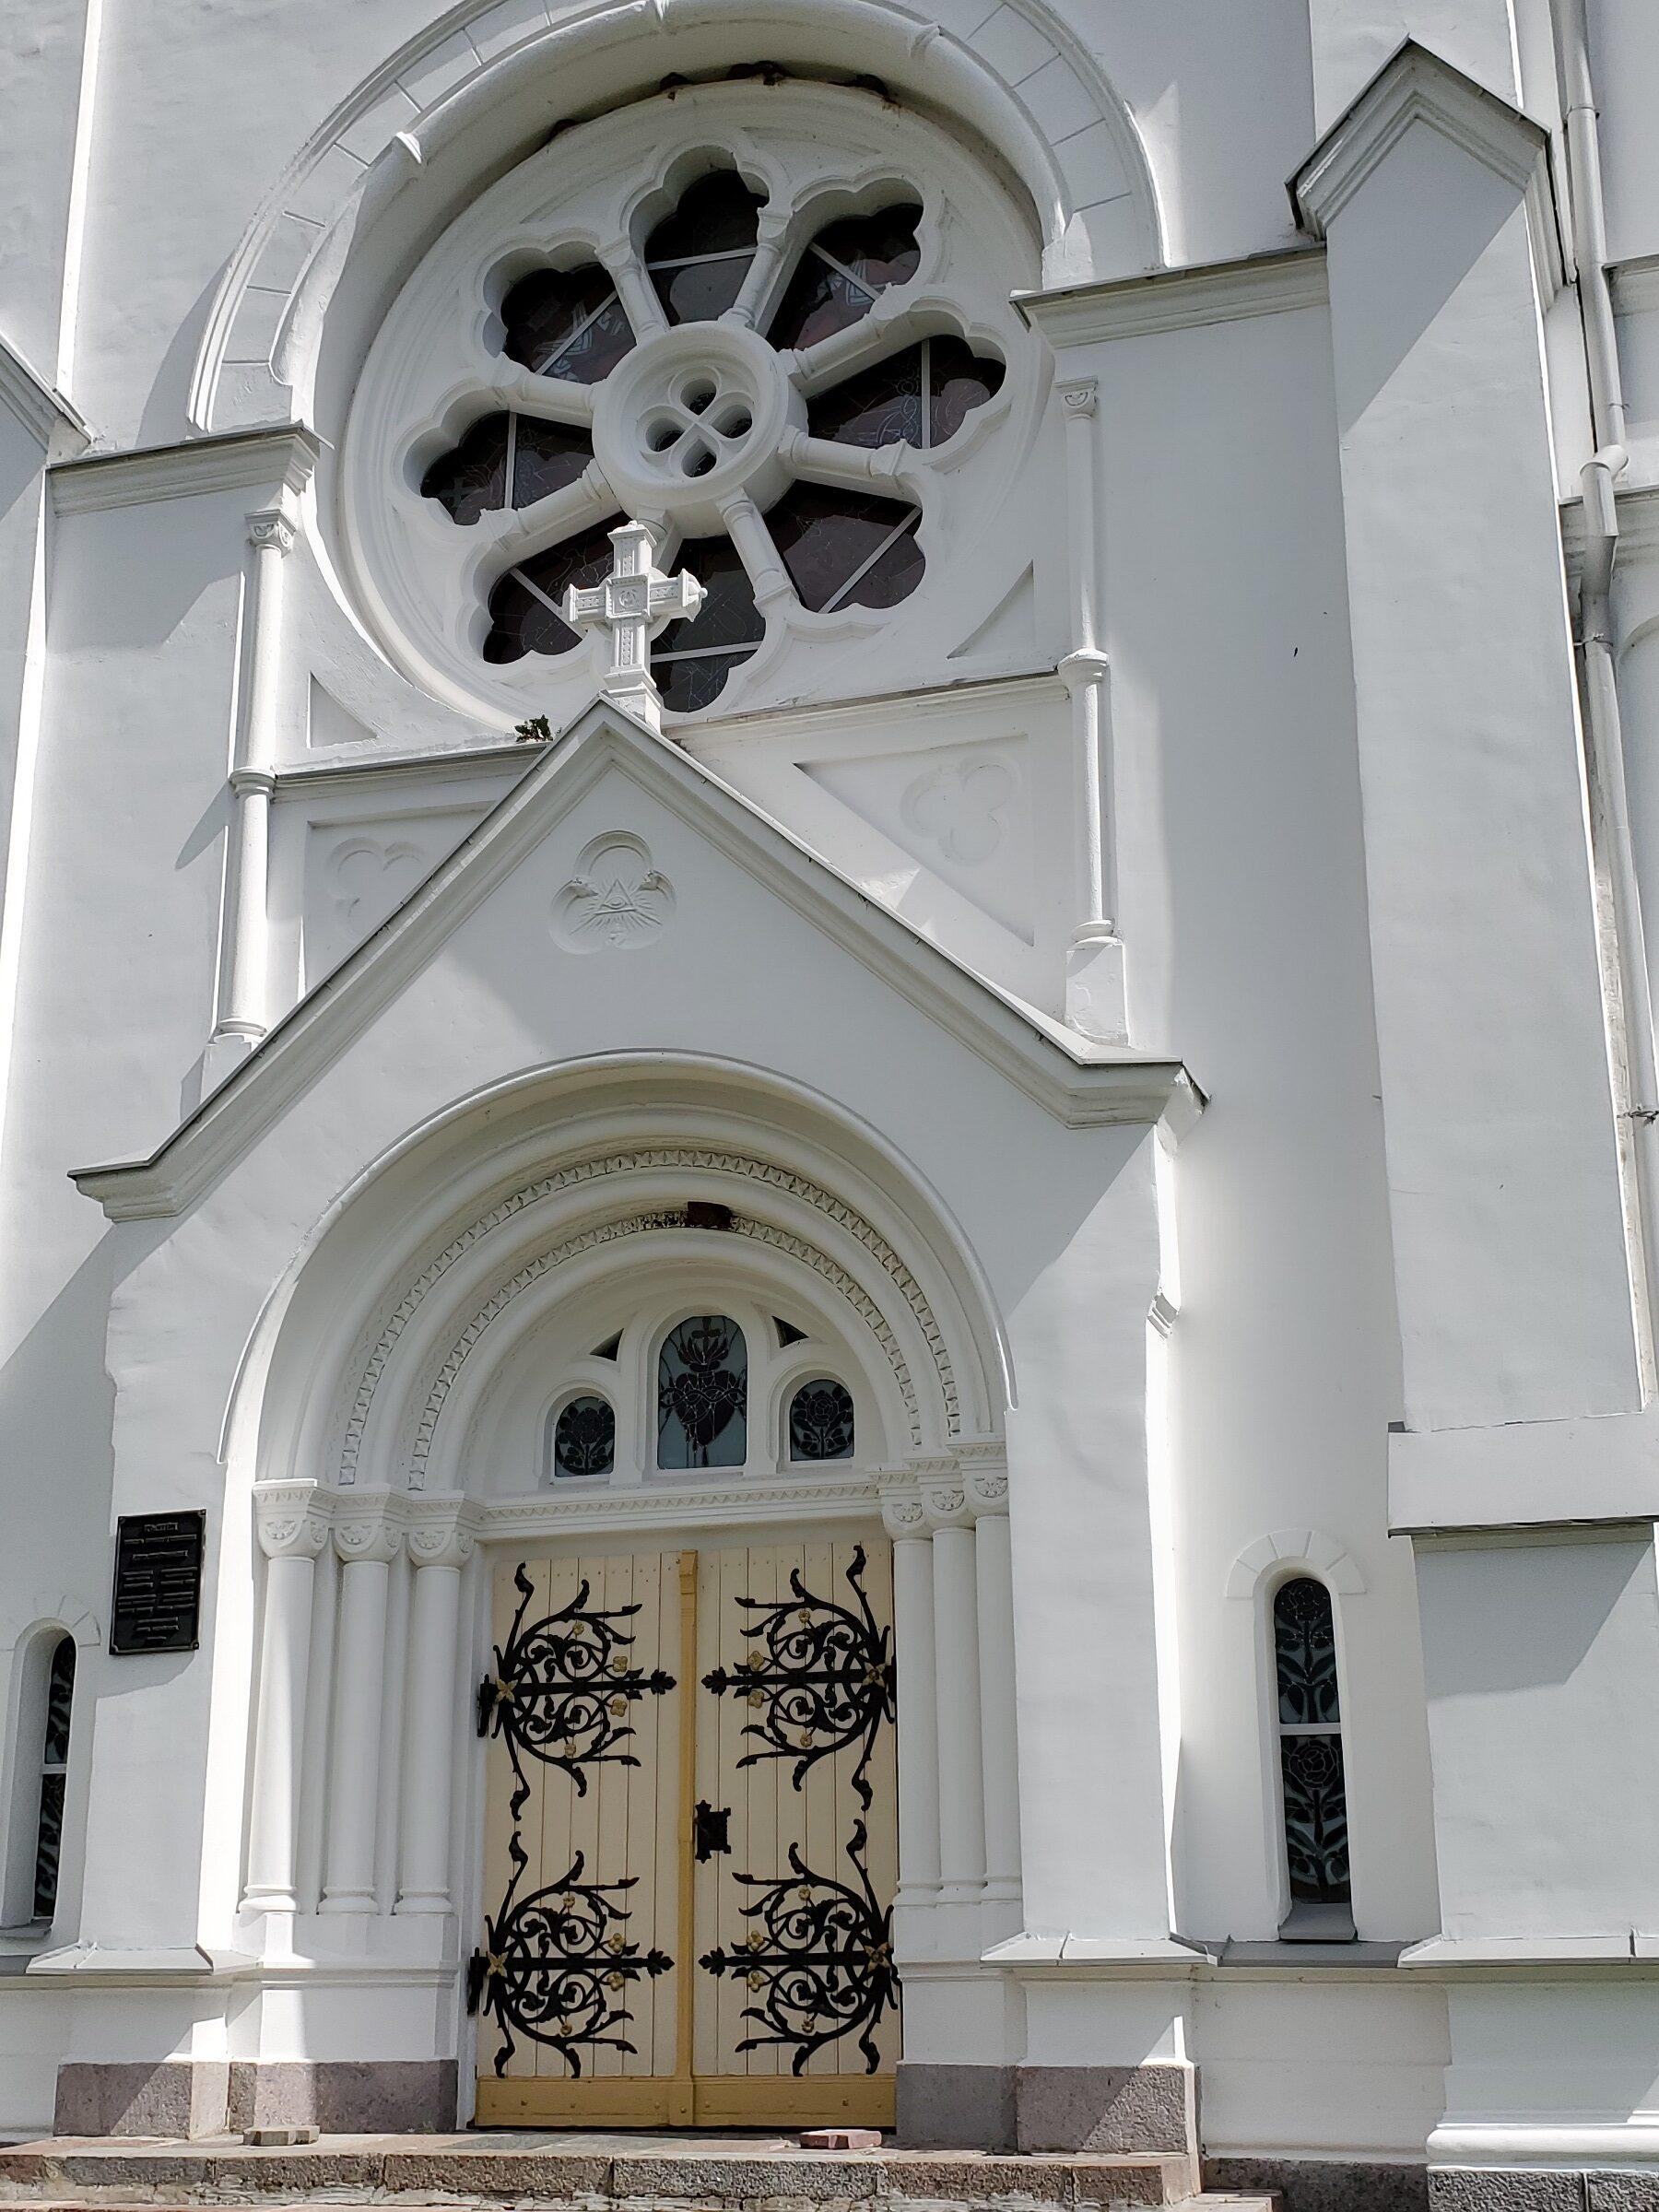 20200730 142548 rotated - Костел Божьего Провидения в Слободке